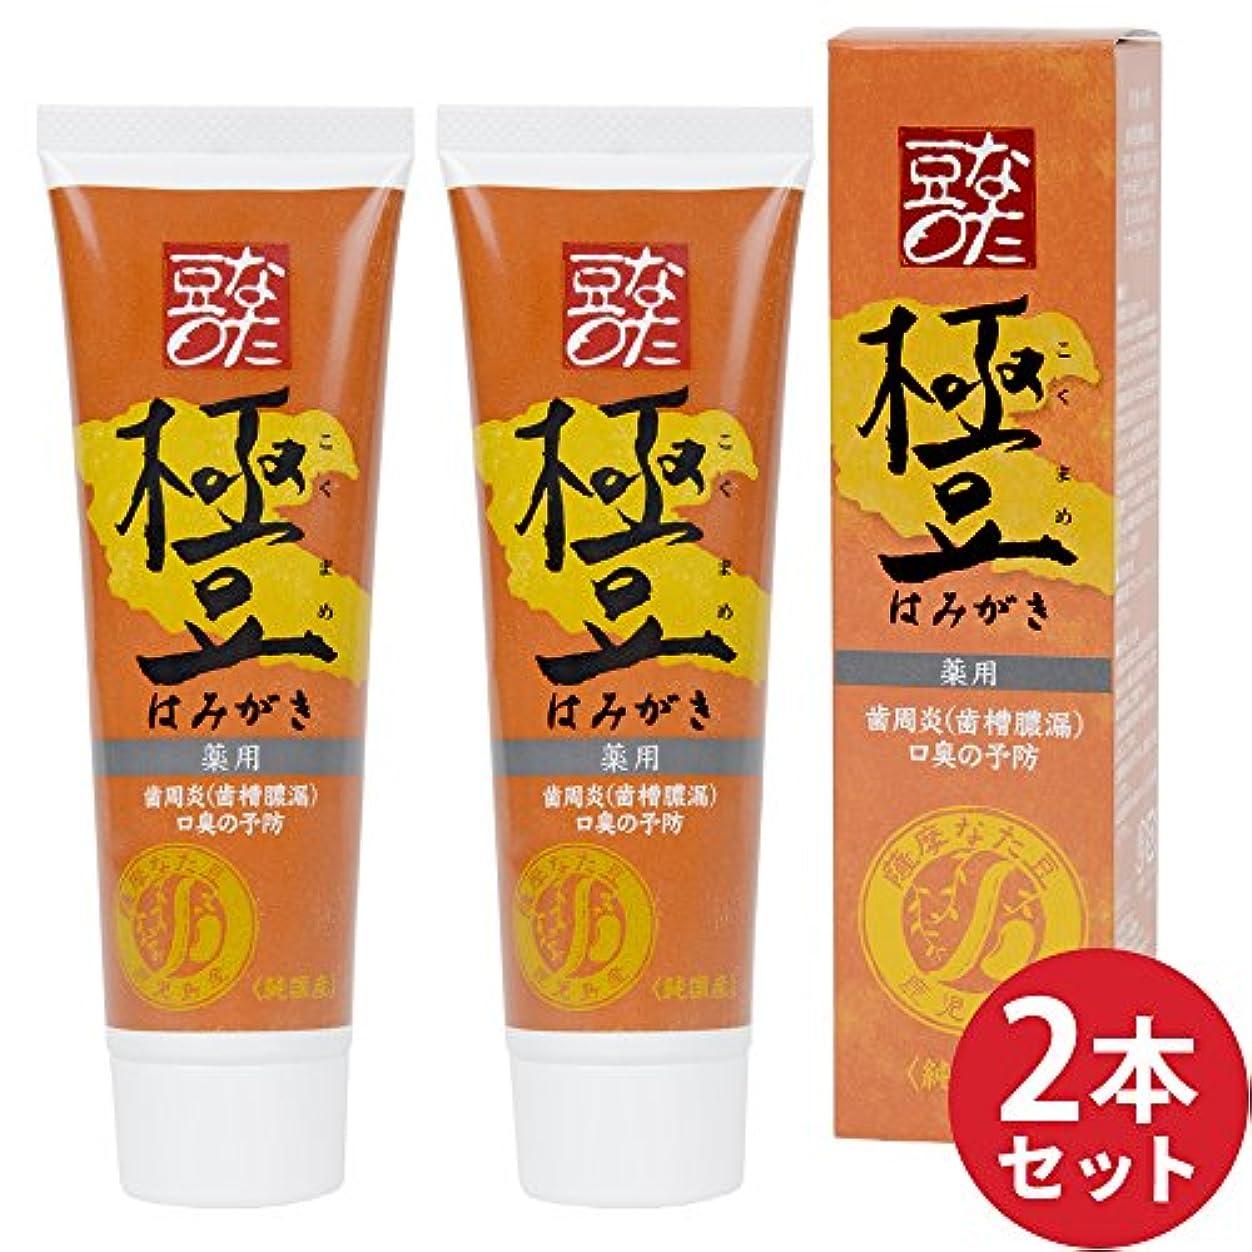 関税ラリーラケット2本セット【薬用】薩摩なた豆歯磨き(内容量:110g×2)